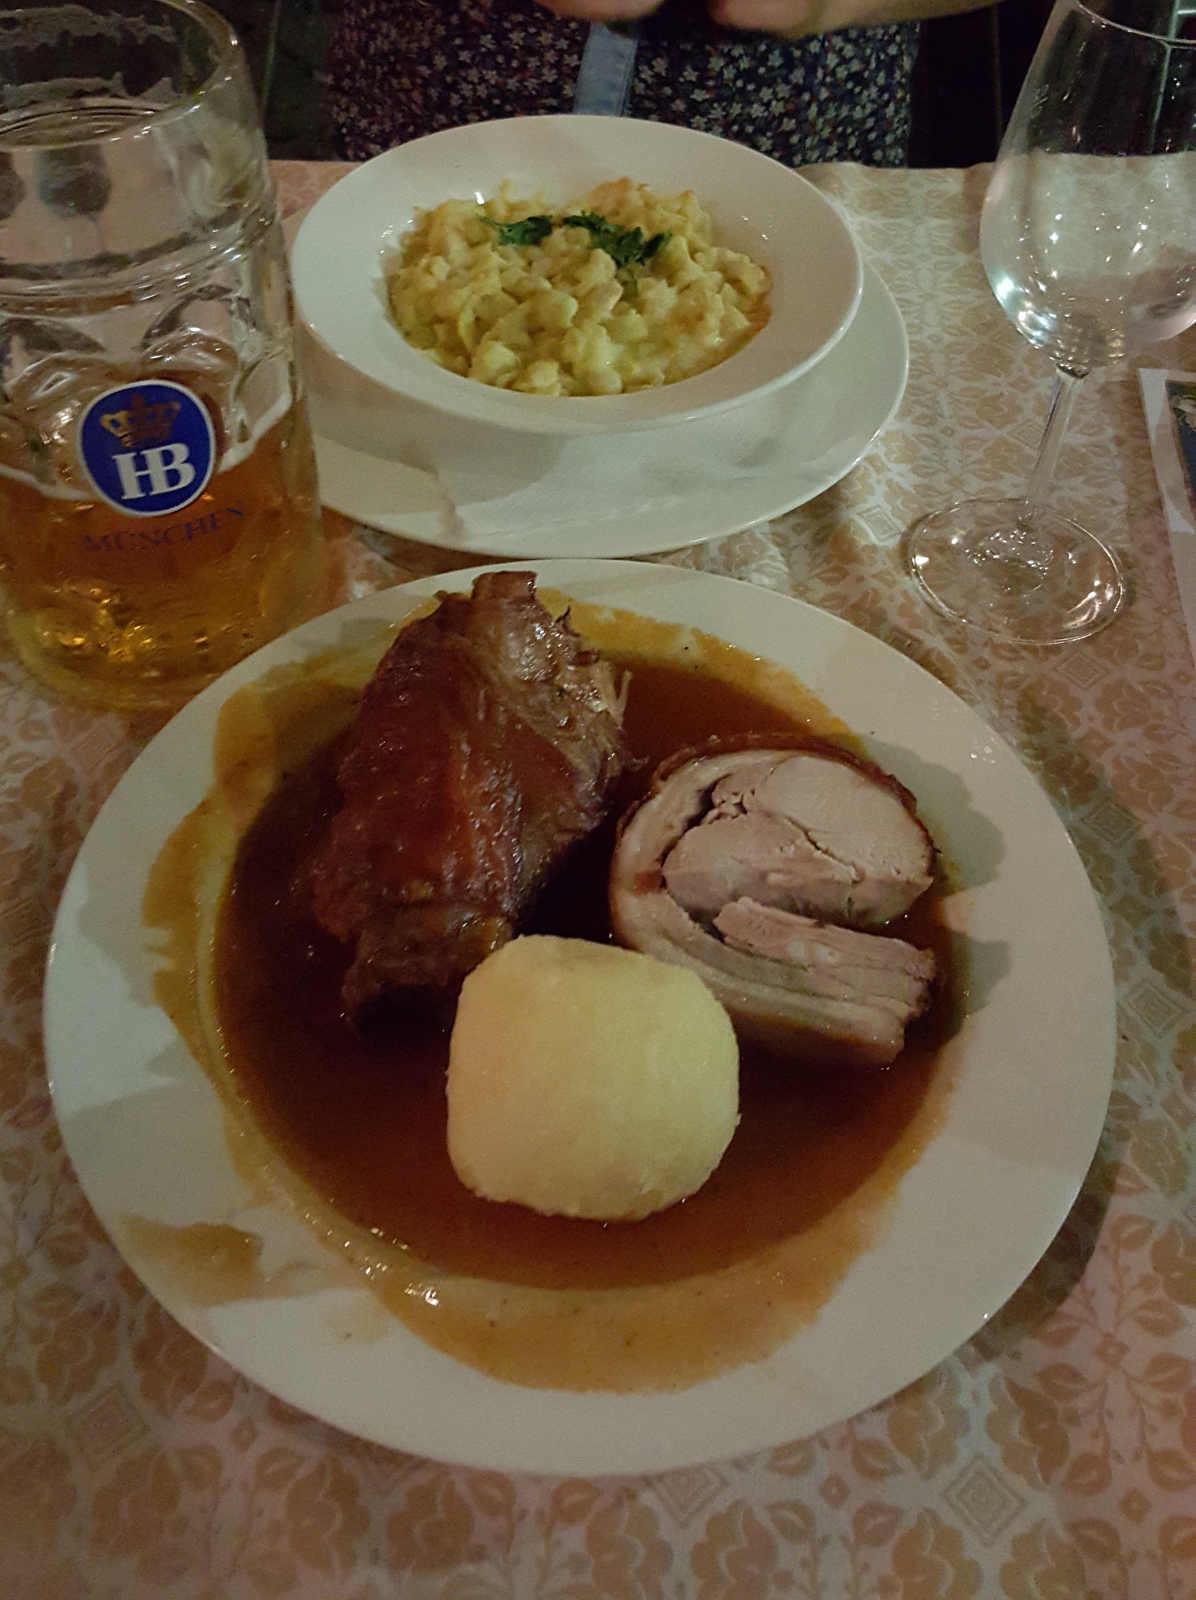 Abendessen im Hofbräuhaus während Kurzaufenthalt in München